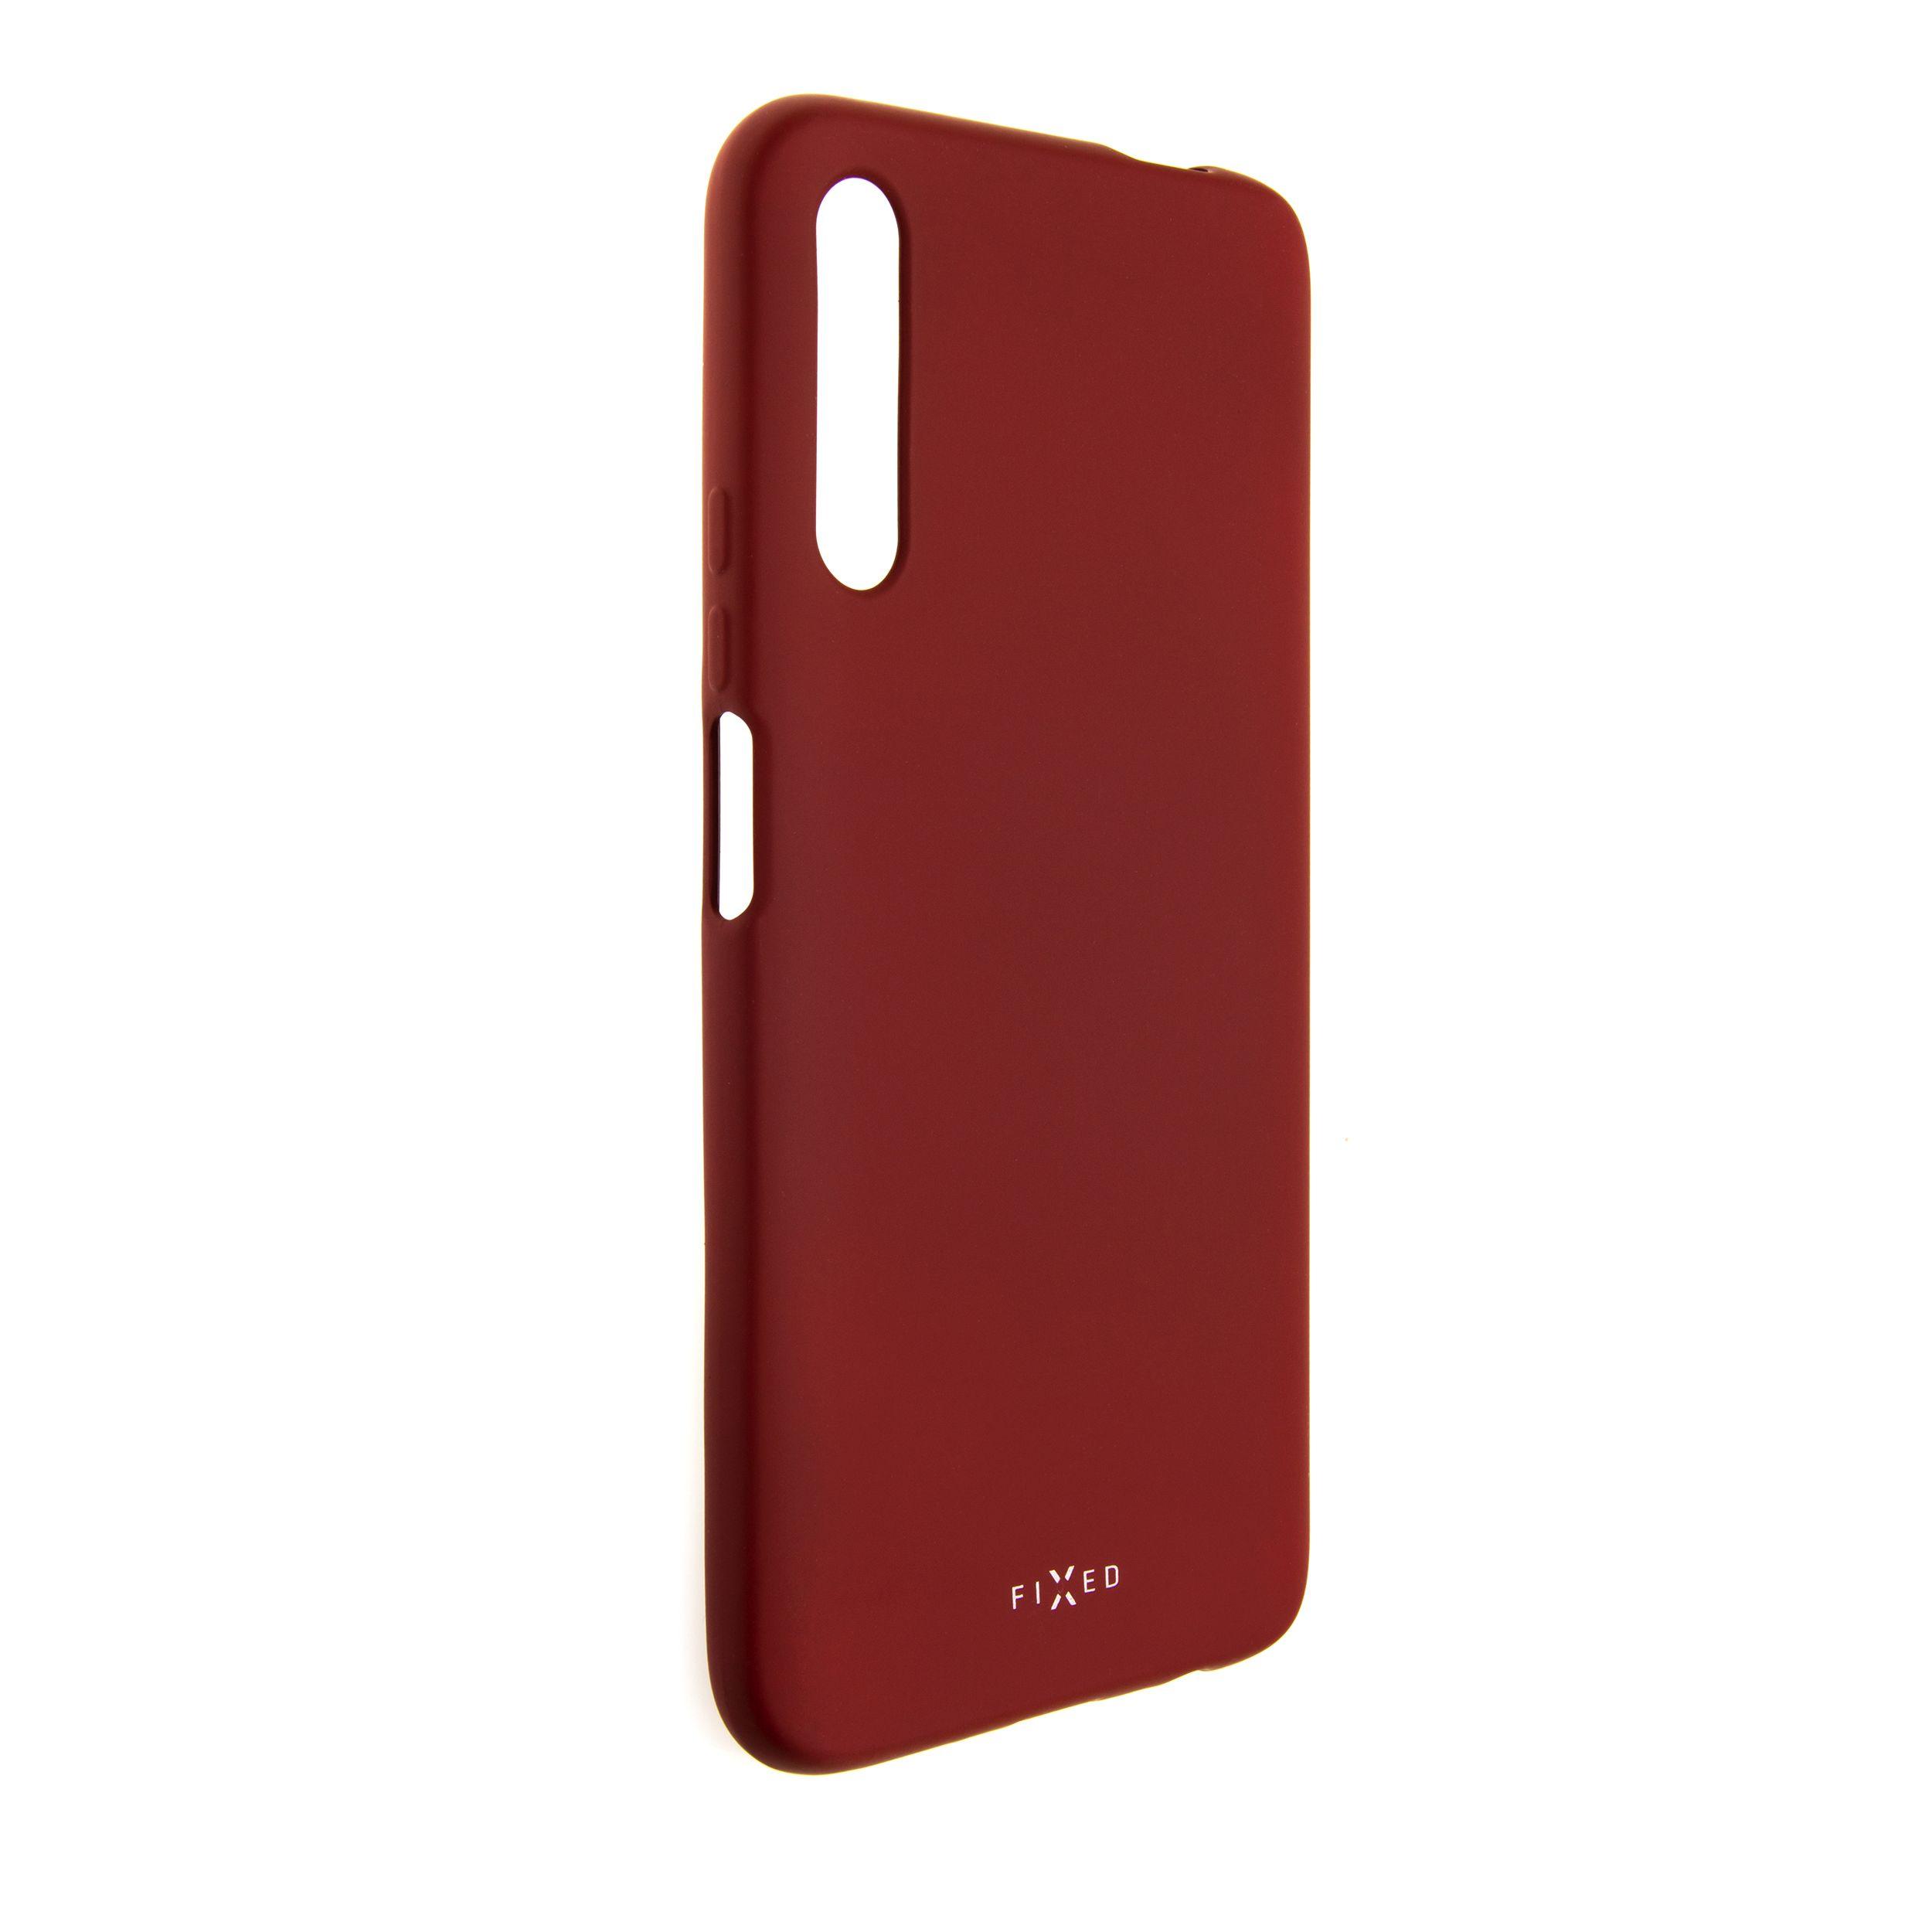 Zadní pogumovaný kryt FIXED Story pro Huawei P Smart Pro (2019), červený